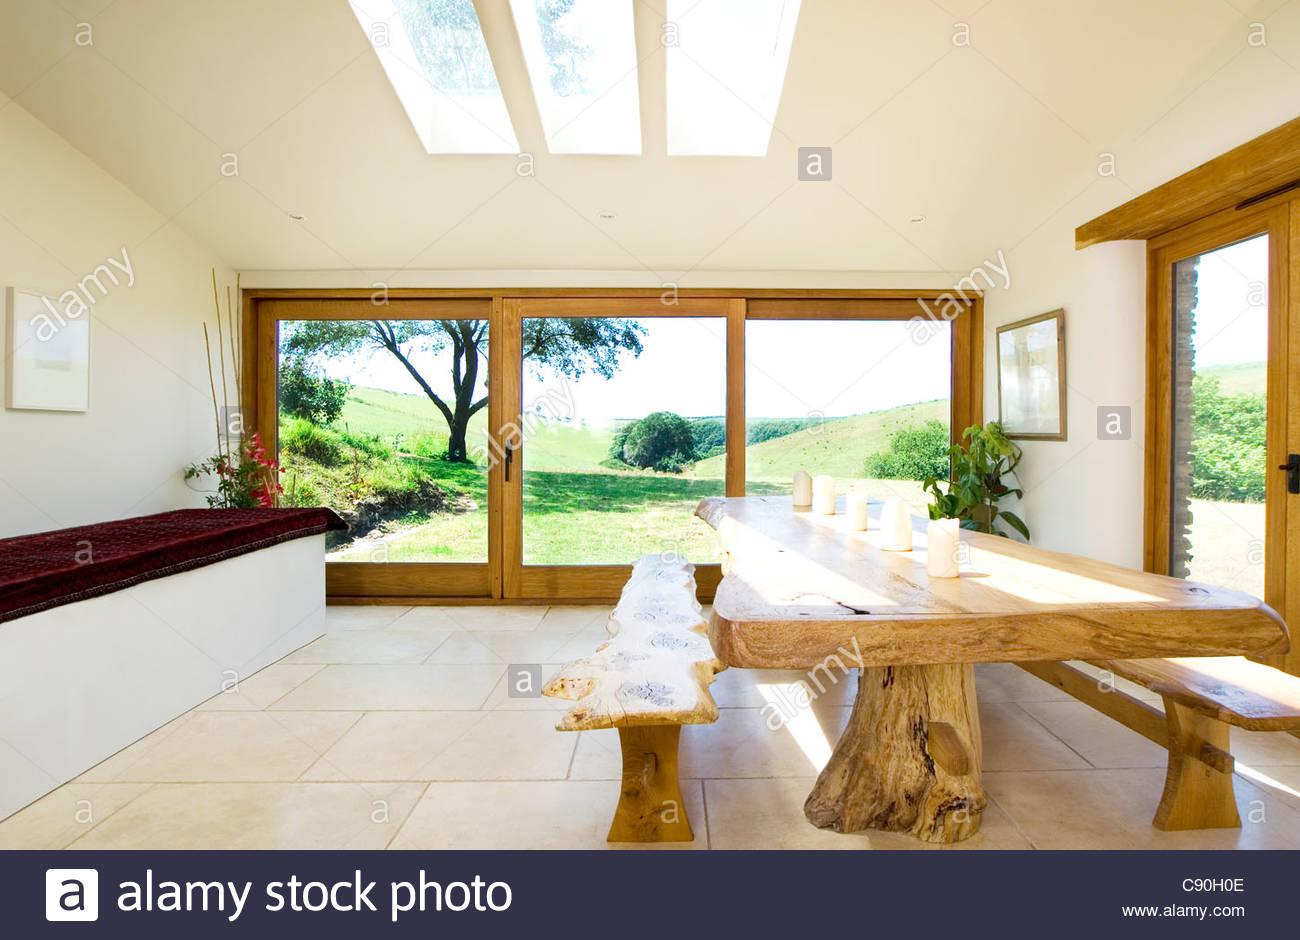 Bancos de madera natural y mesa de comedor moderno Foto & Imagen De ...